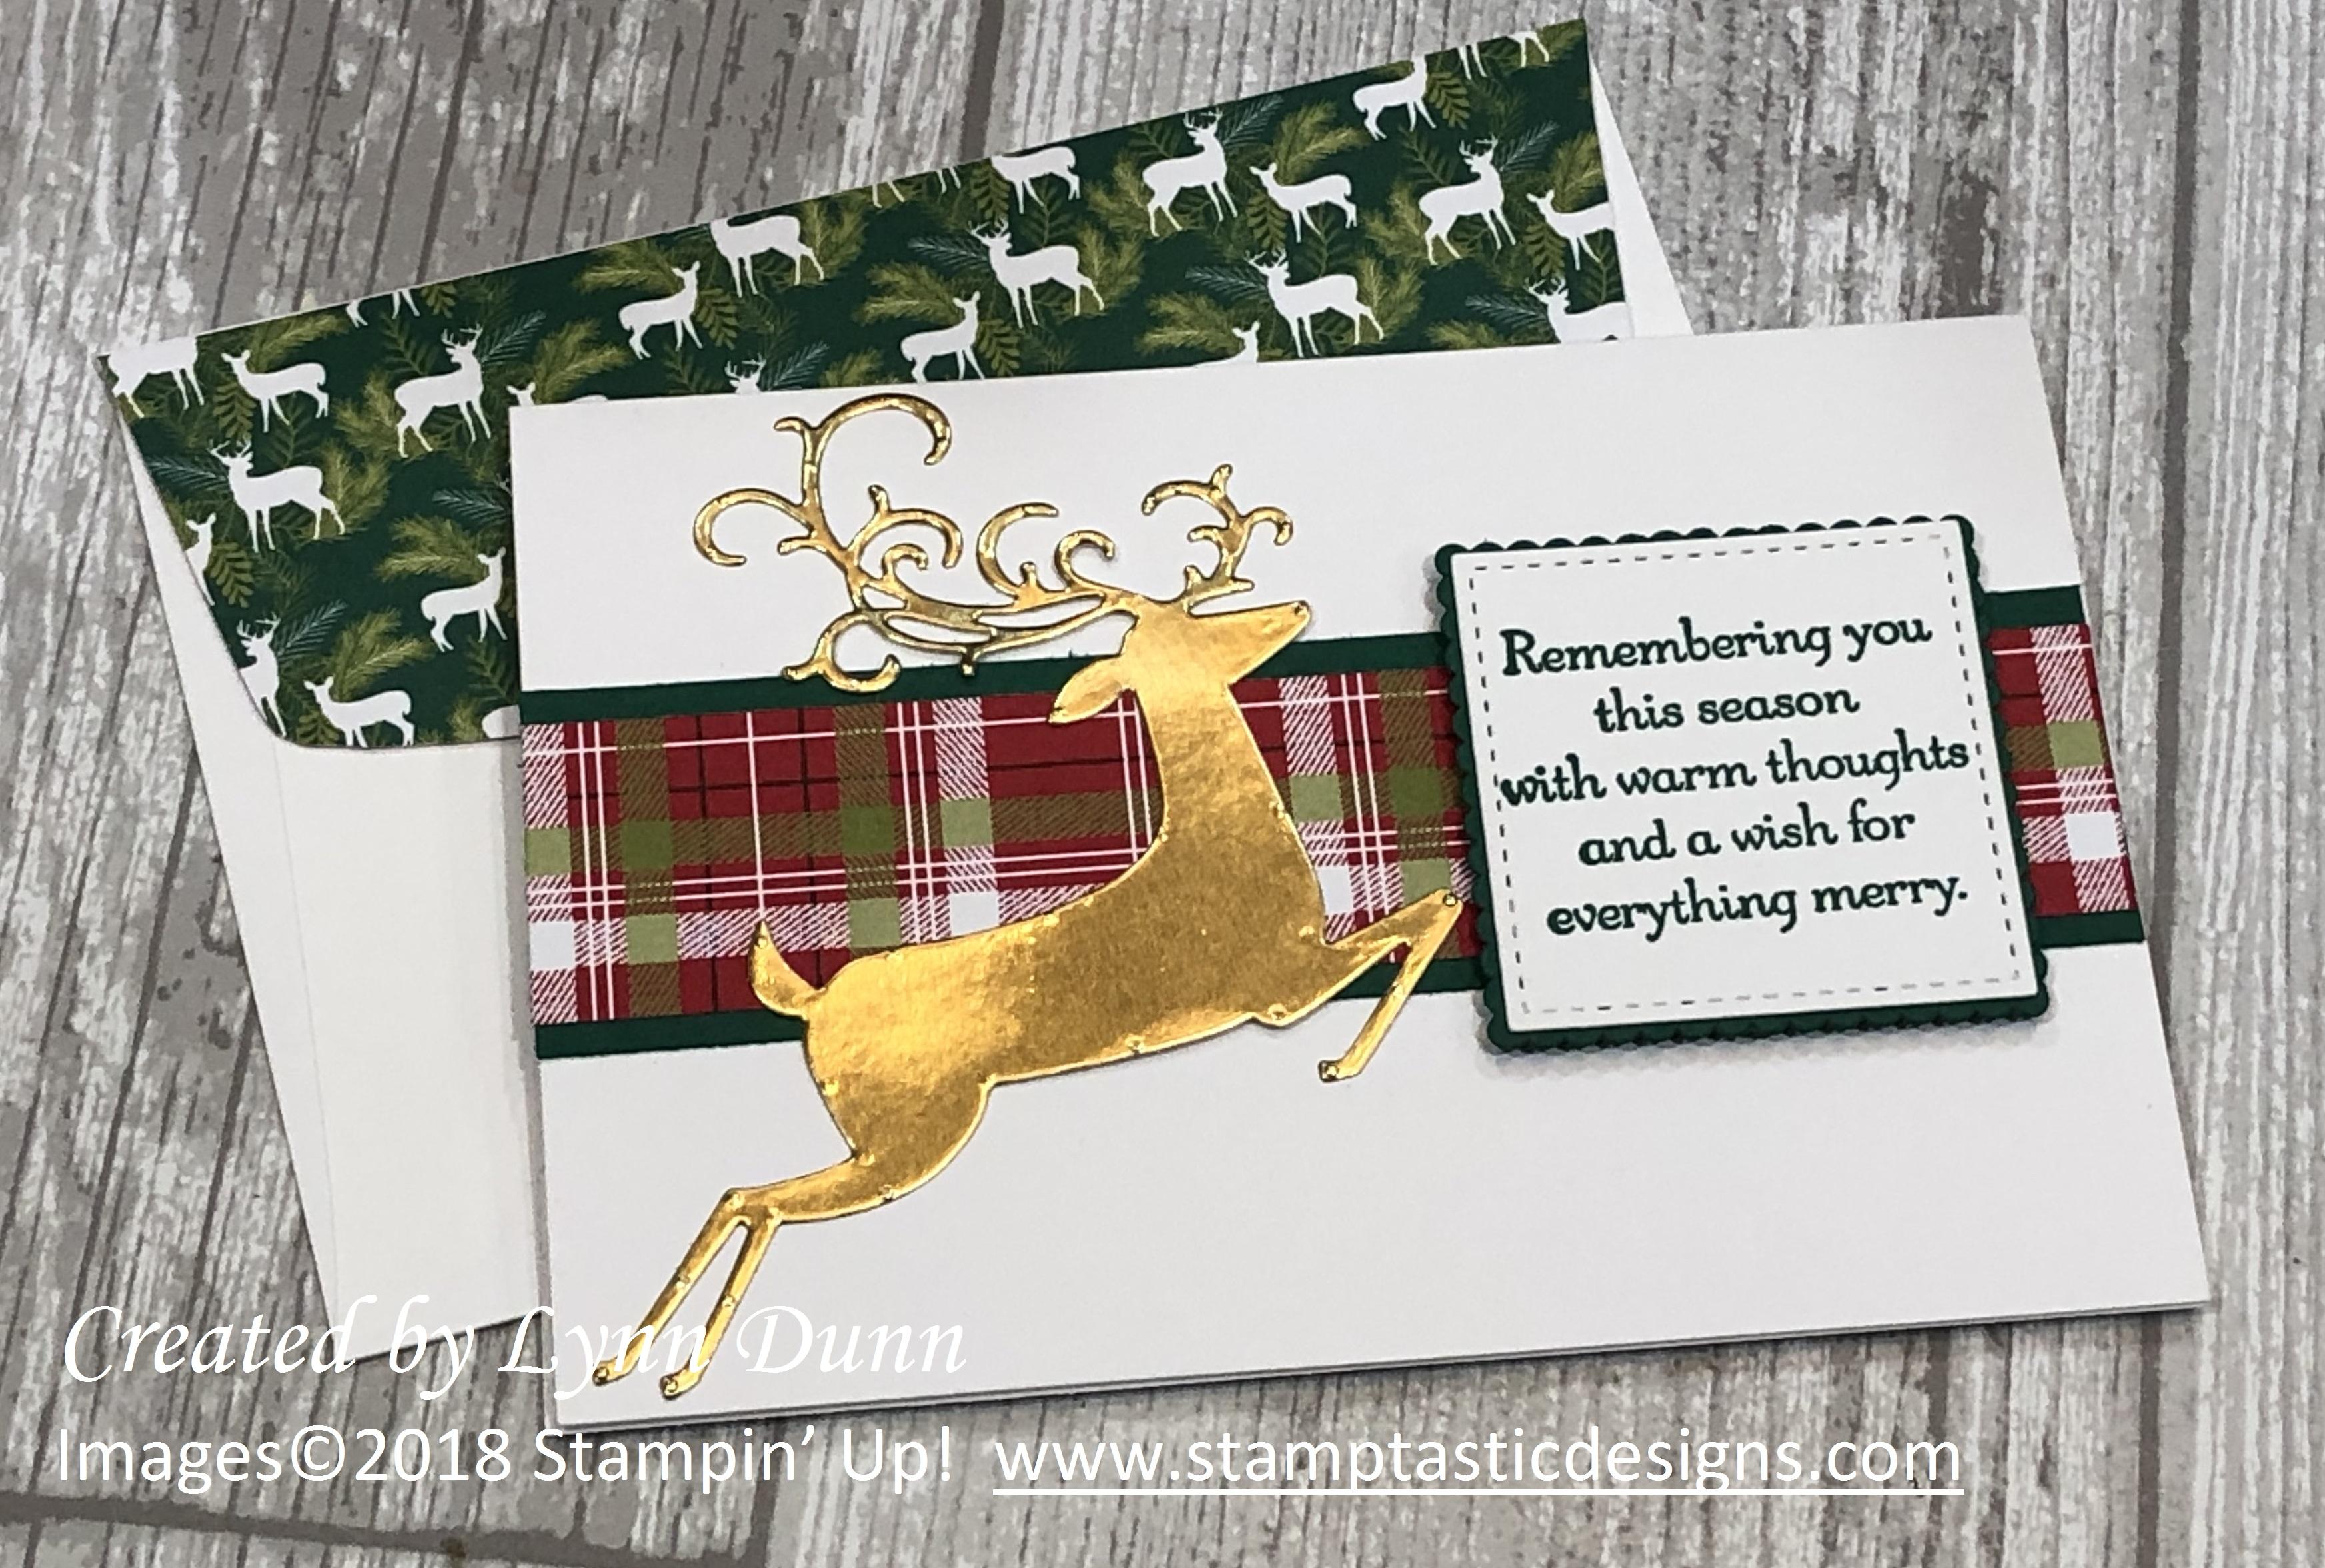 Christmas Gift Card Ideas.Christmas Gift Card Holder Lynn Dunn